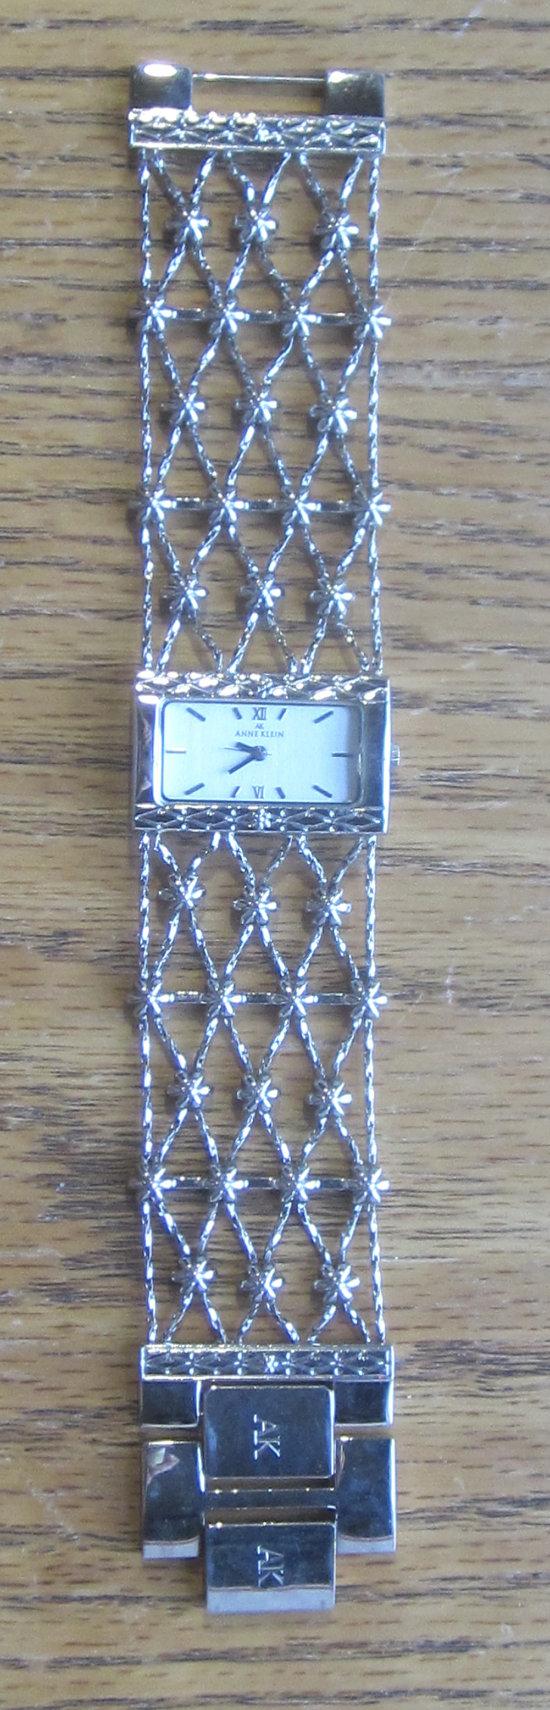 Anne Klein Open Mesh Bracelet Watch 1970's by LeftoverStuff, $49.00